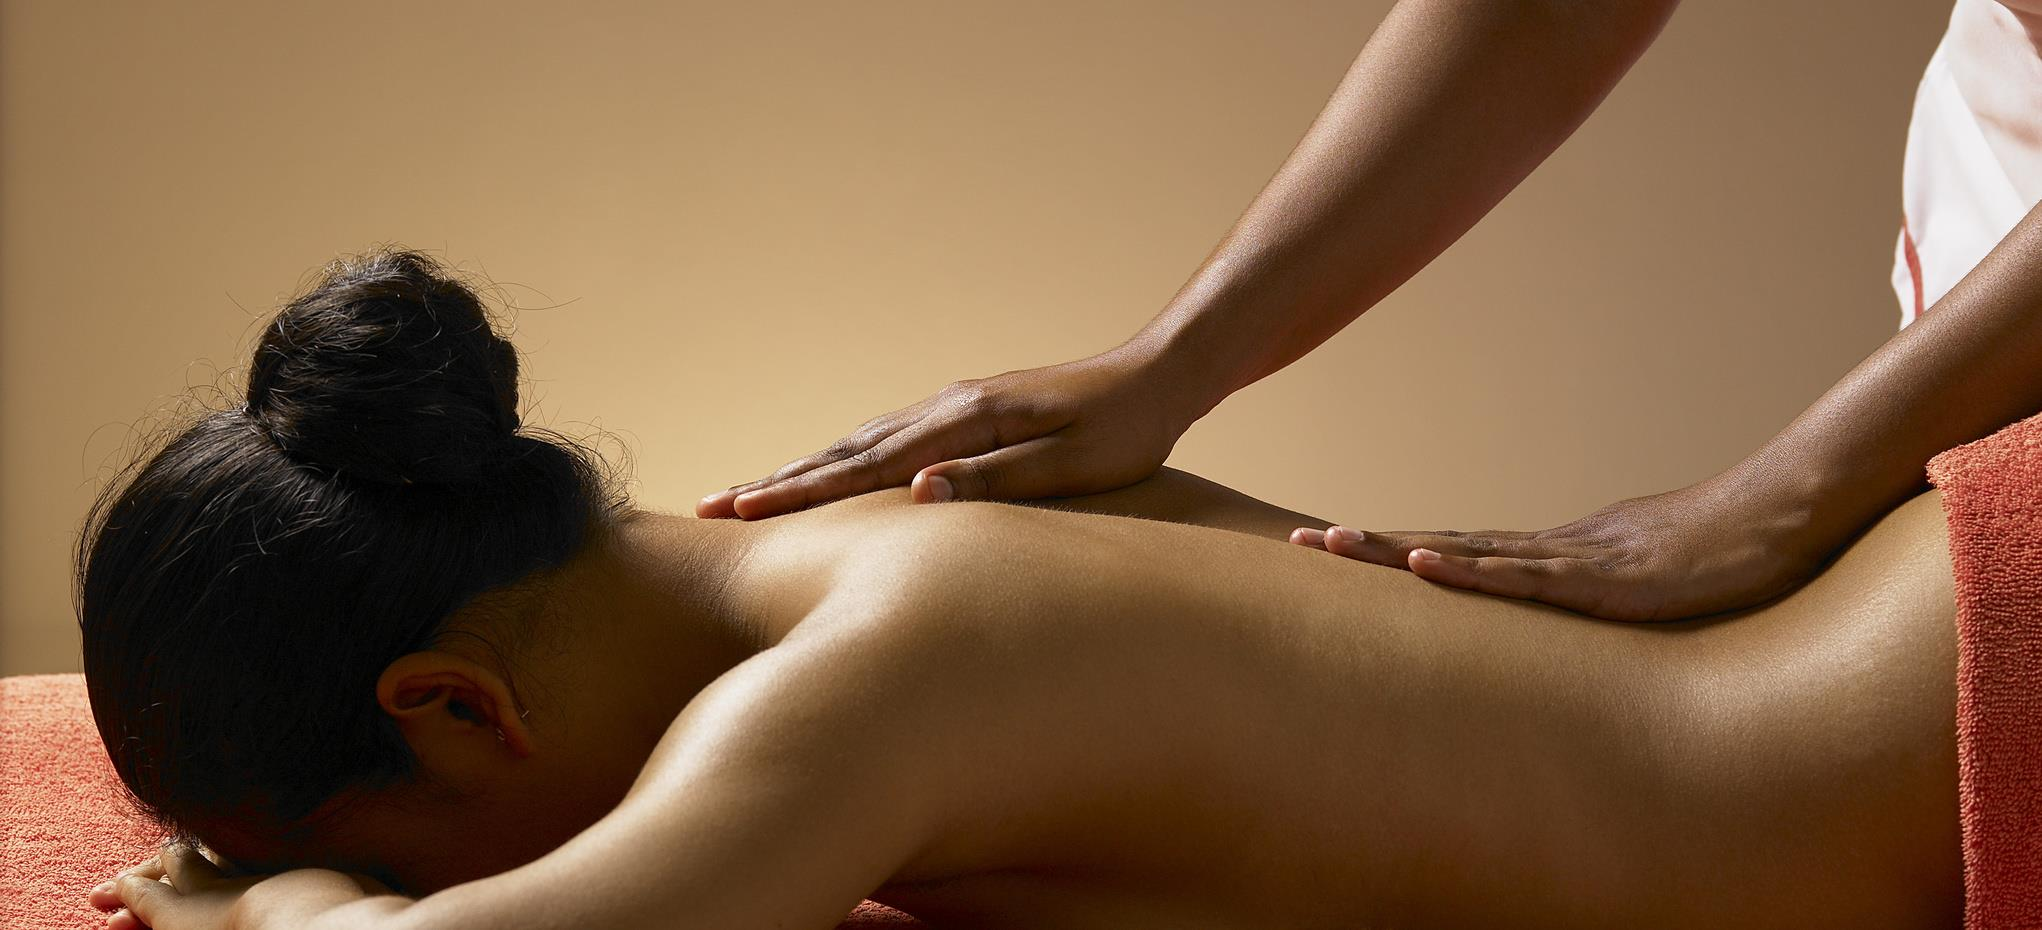 Секс лучшее с массажем, Лучшее порно массаж смотреть онлайн бесплатно 24 фотография